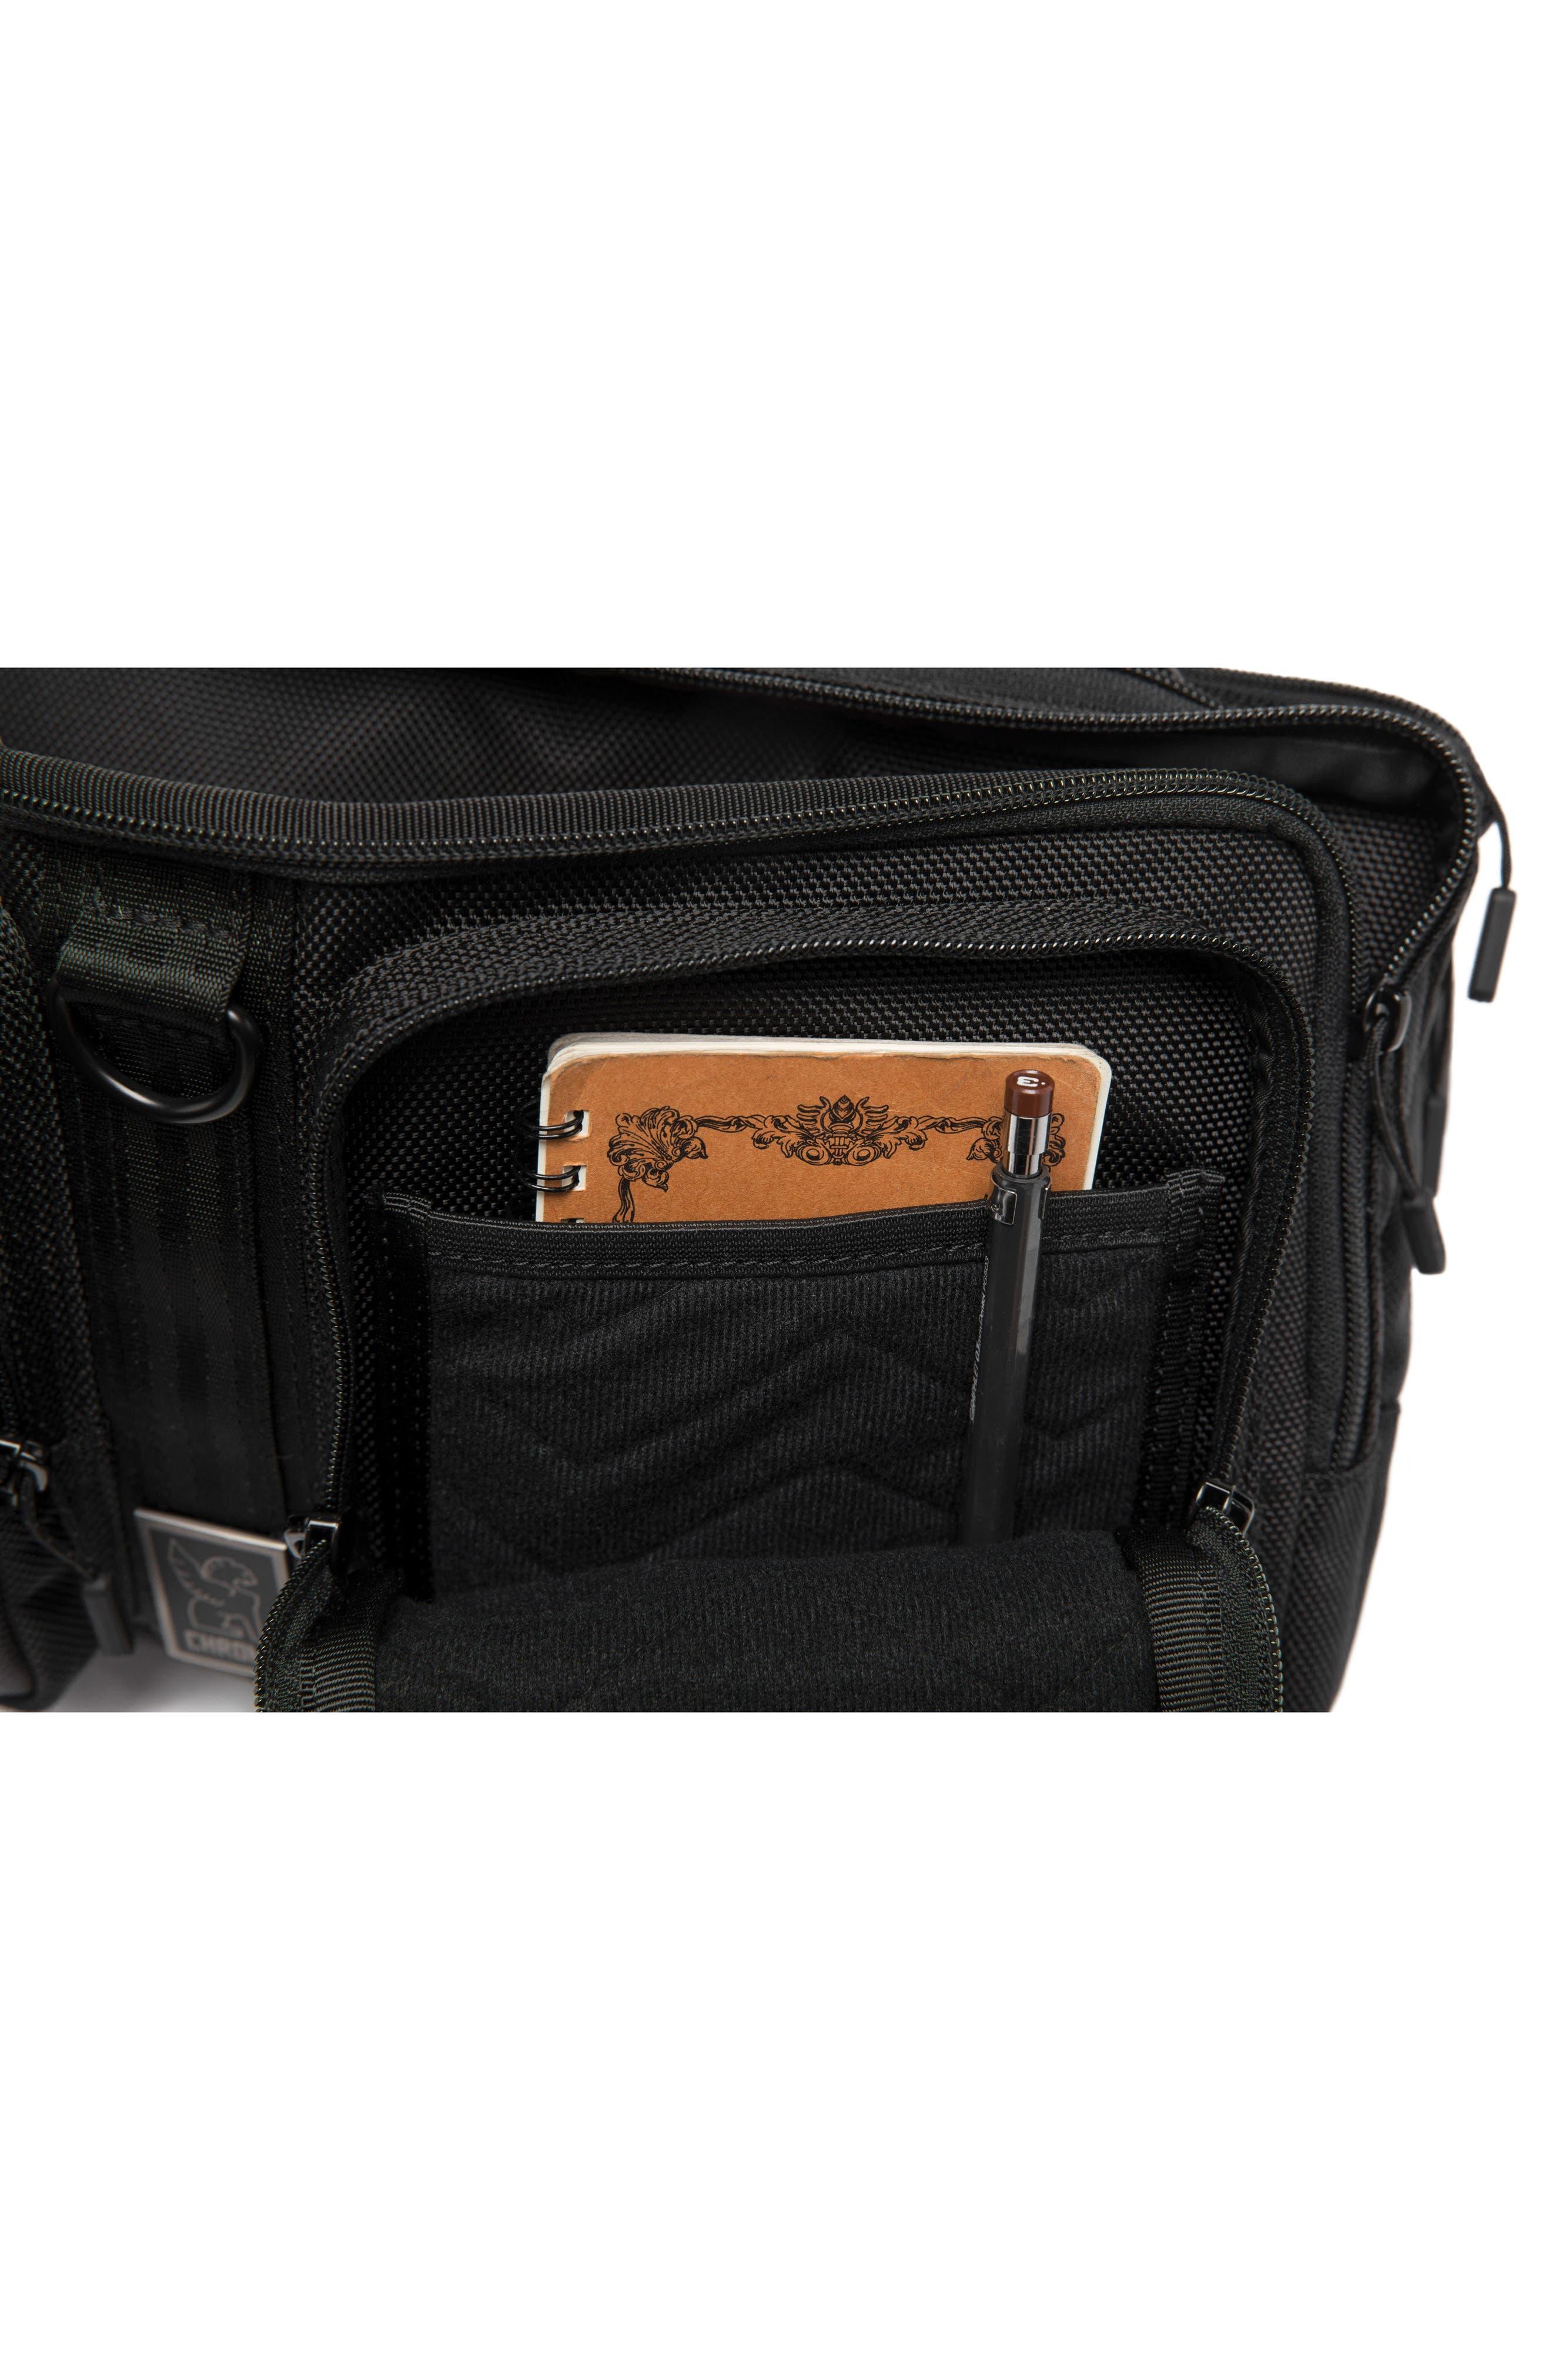 MXD Segment Sling Bag,                             Alternate thumbnail 8, color,                             ALL BLACK